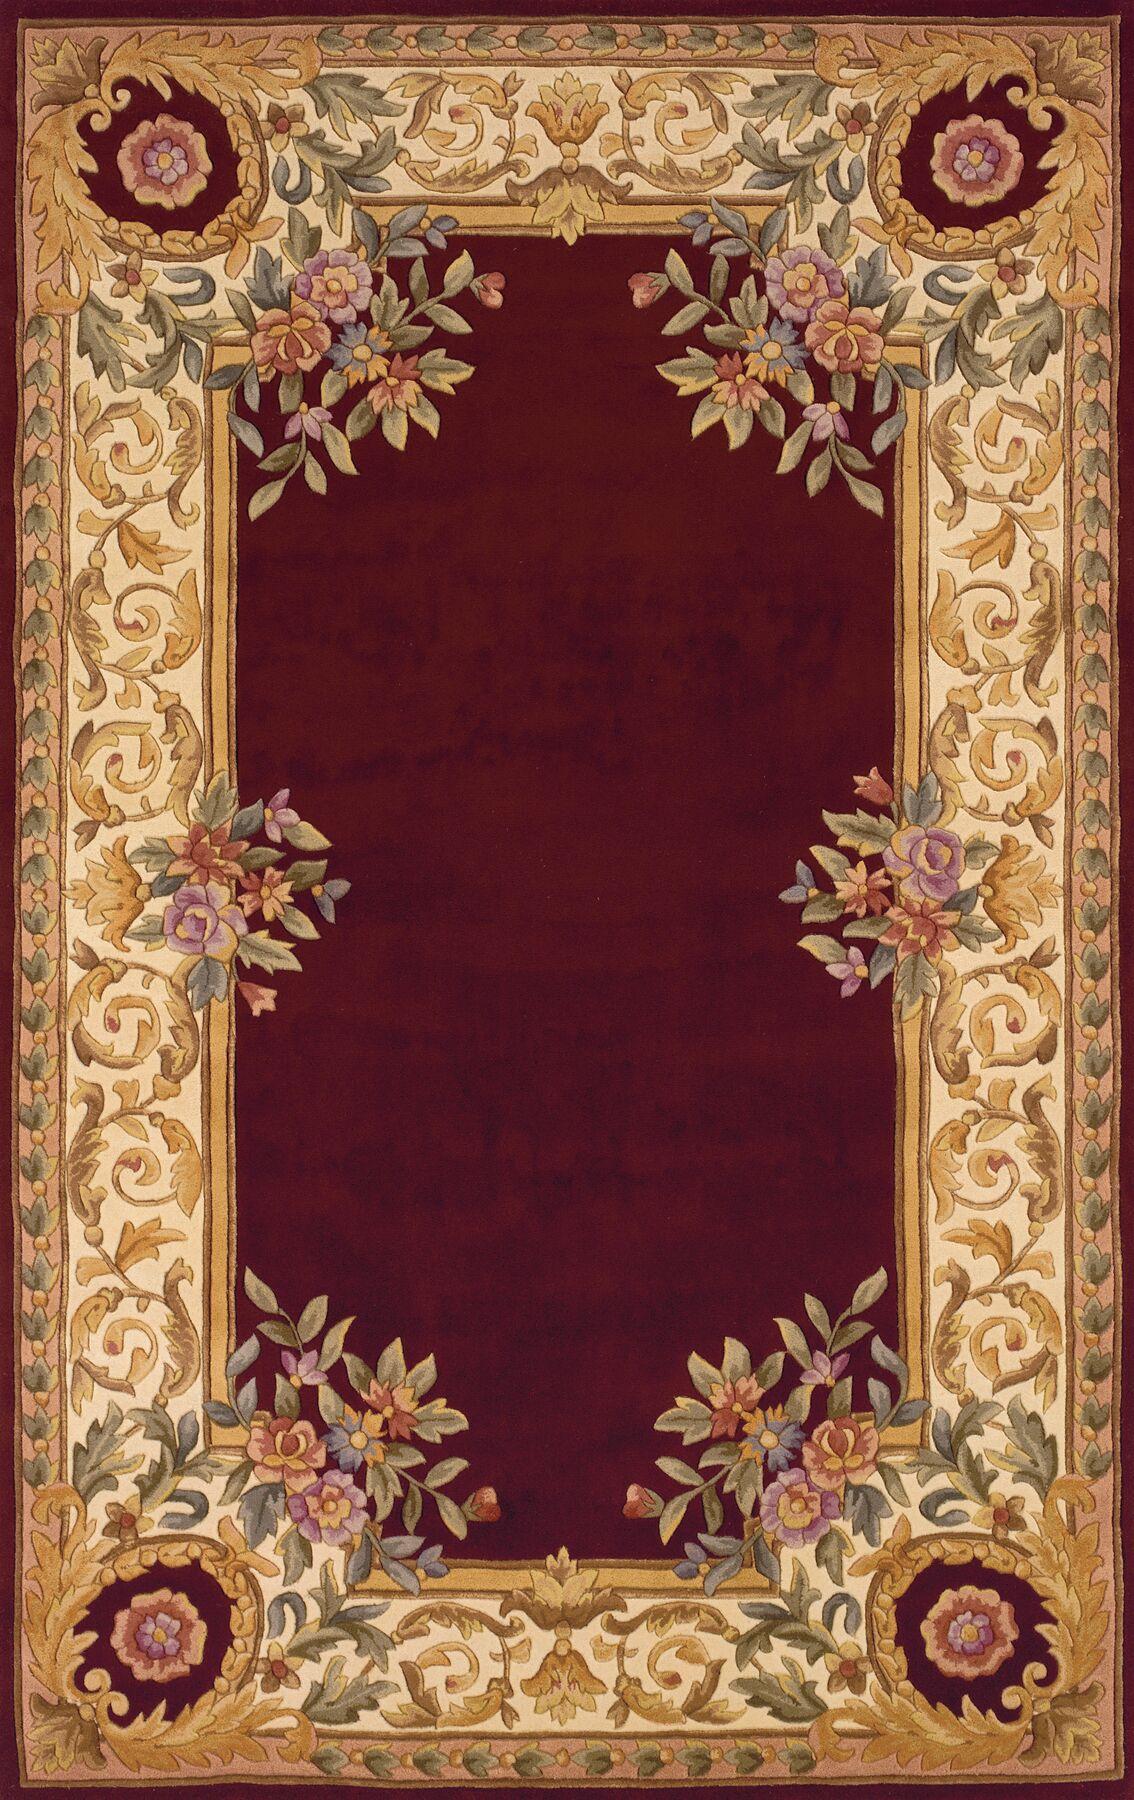 Laurel Hand-Tufted Burgundy/Beige/Ivory Area Rug Rug Size: Rectangle 3'6